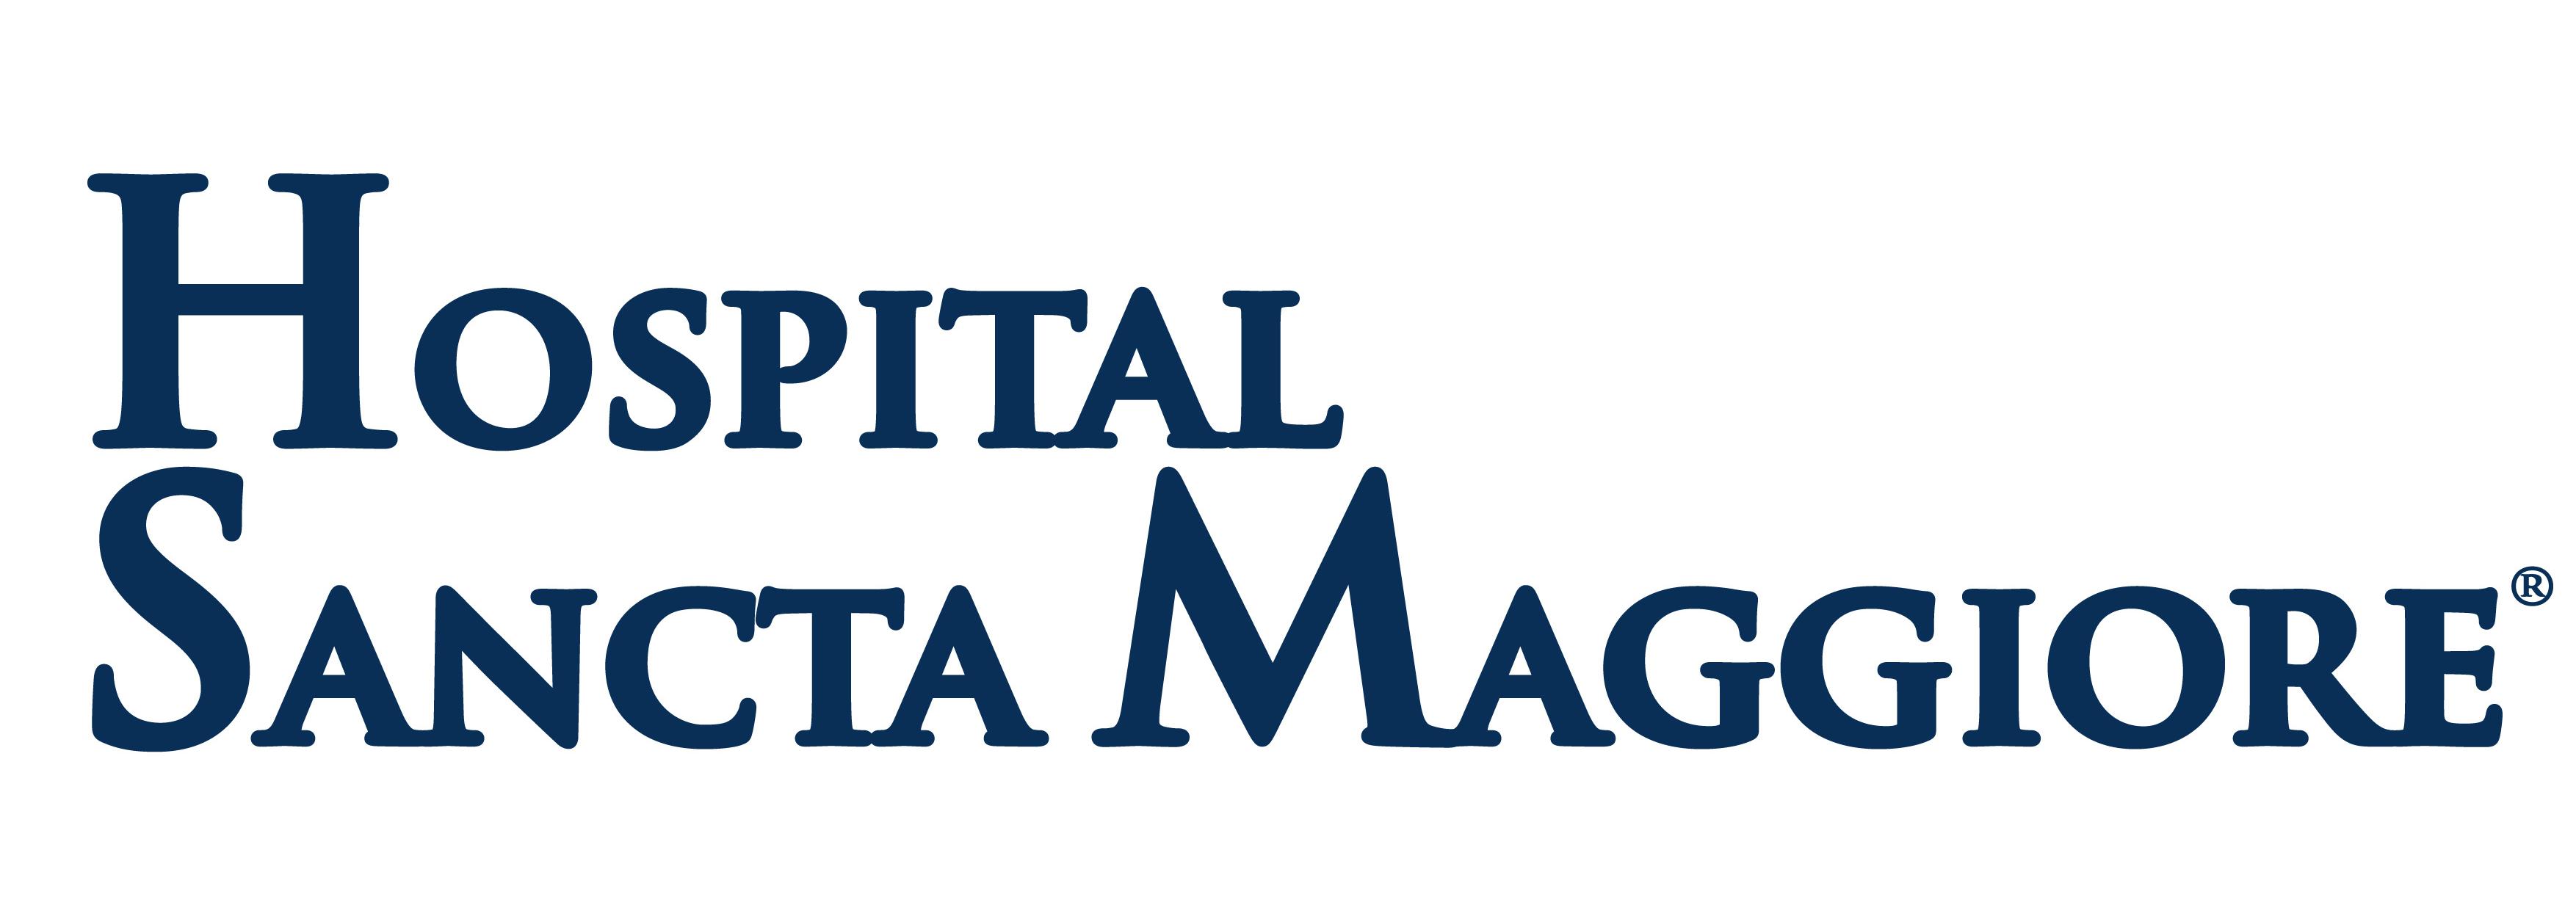 Hospital Sancta Maggiore